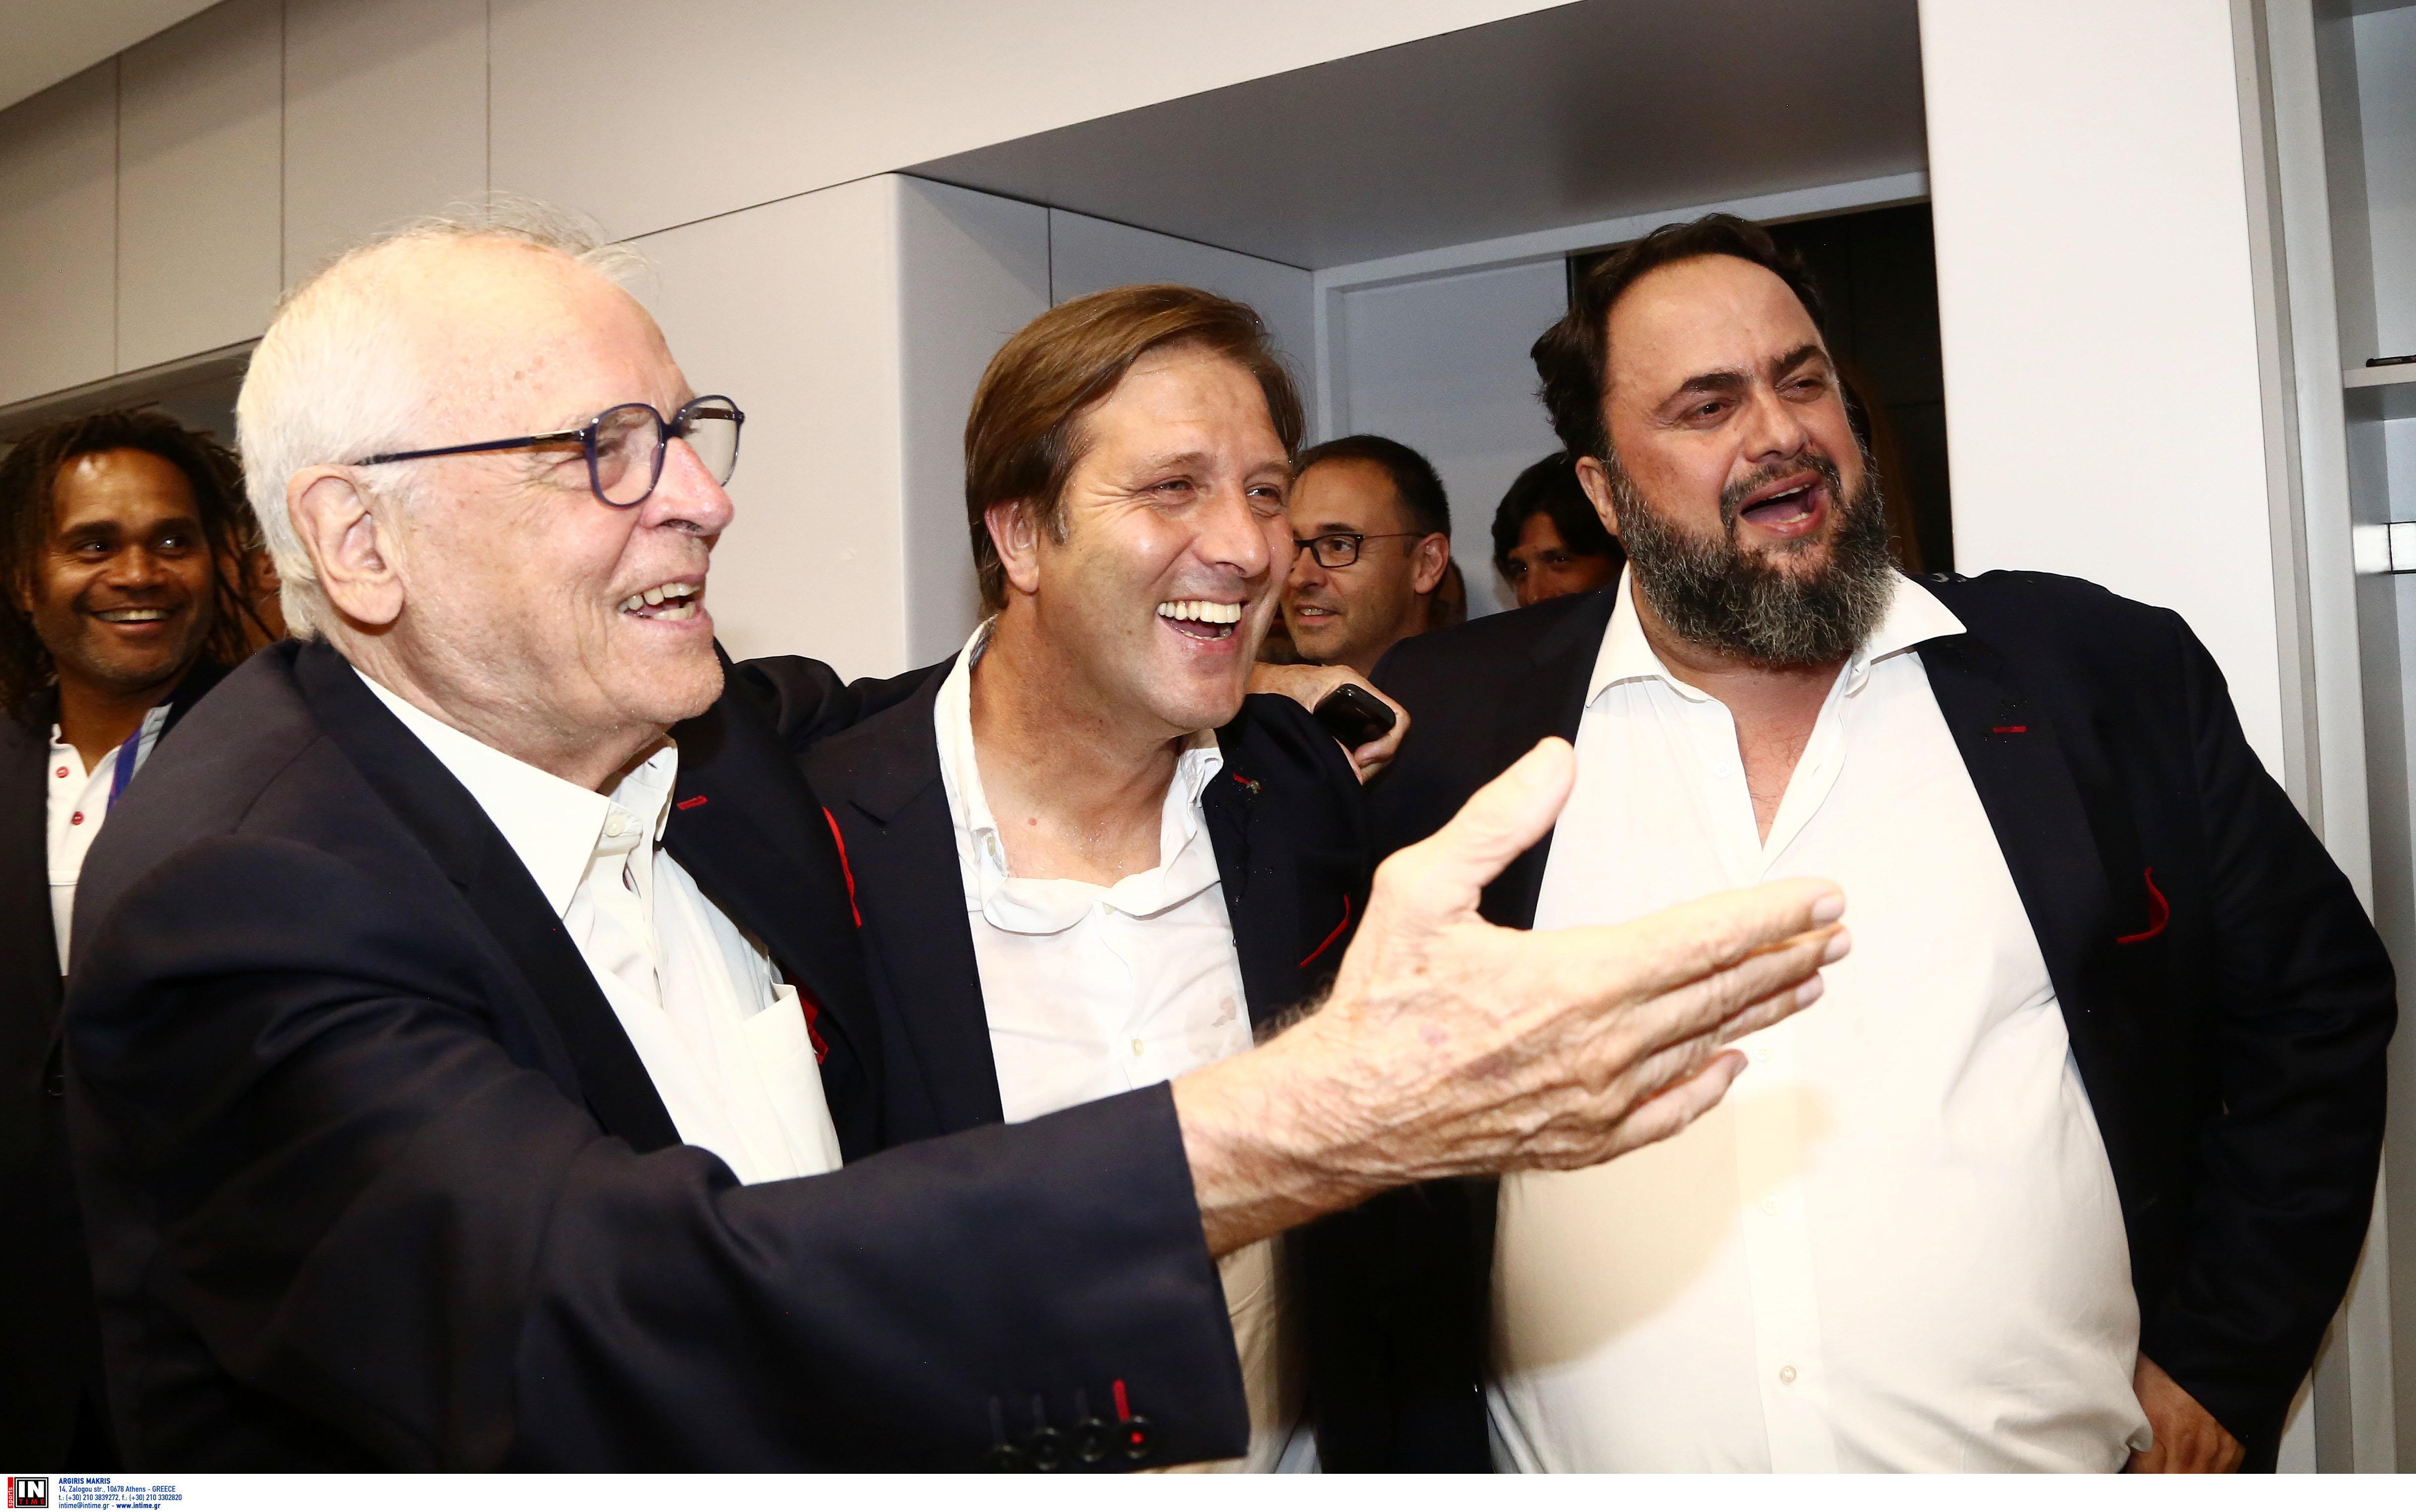 Ο Σάββας Θεοδωρίδης, με τον προπονητή του Ολυμπιακού Πέδρο Μαρτίνς και τον Βαγγέλη Μαρινάκη